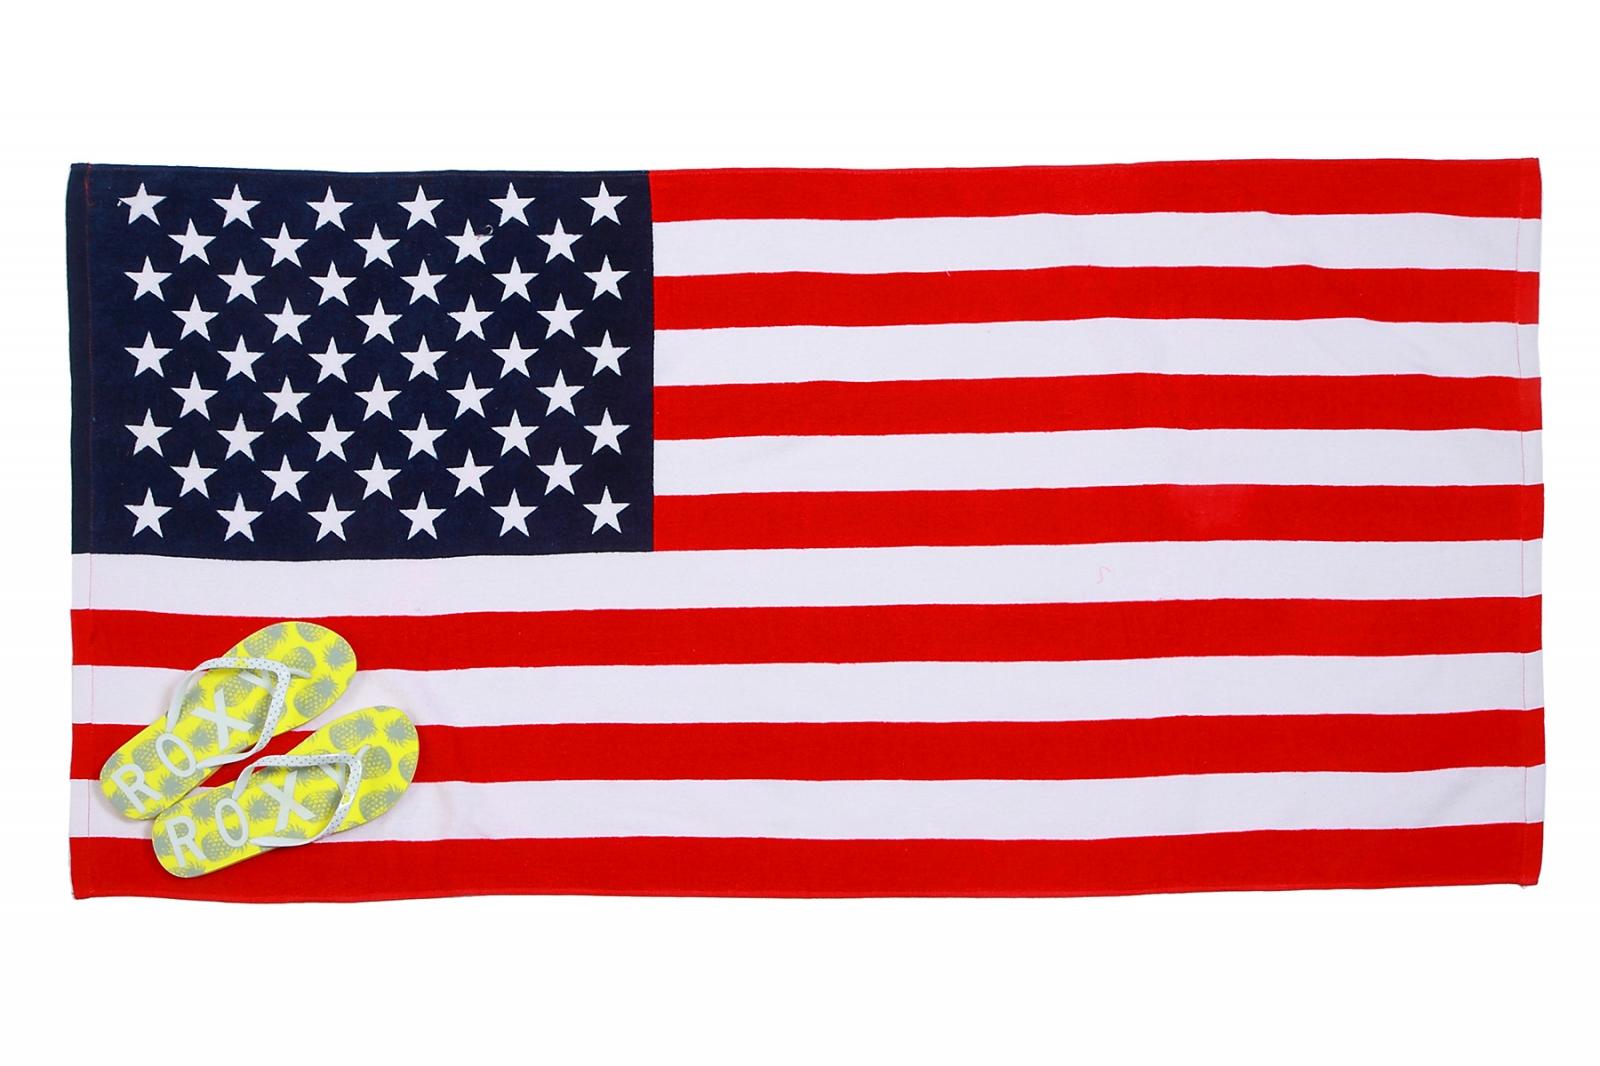 Заказать оптом полотенца флаг США можно по выгодным ценам